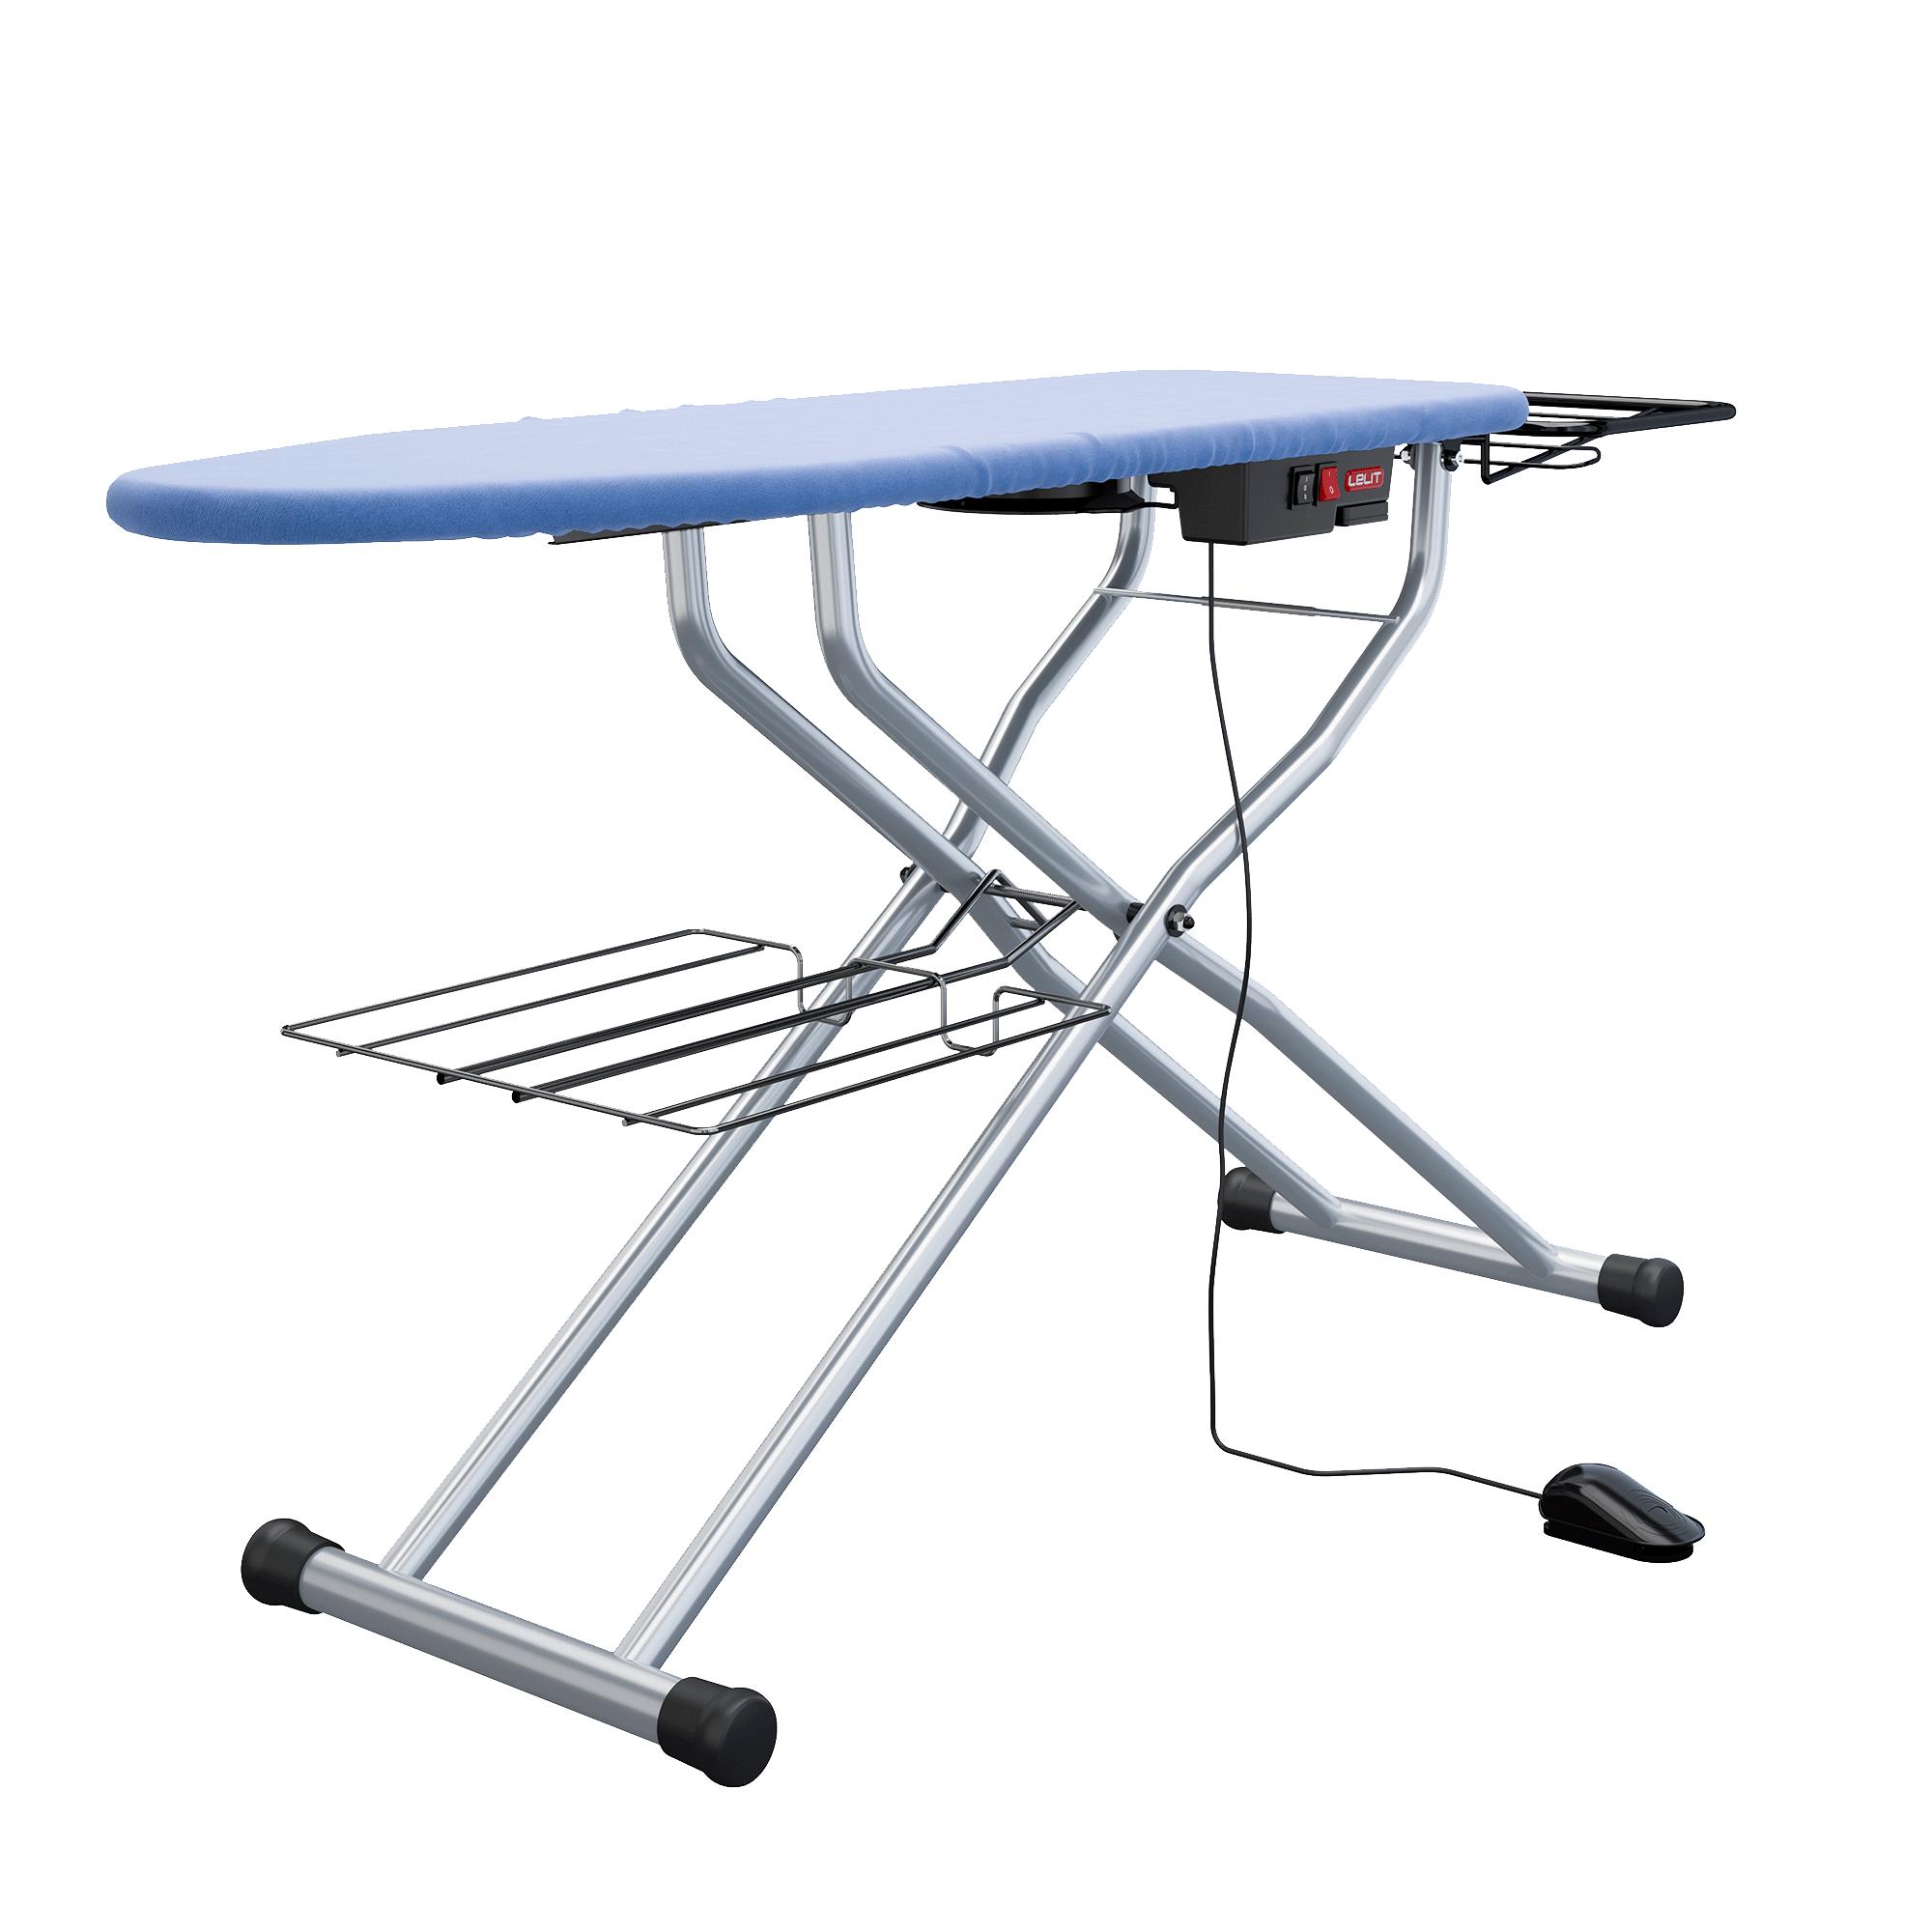 LELIT - Ironing boards